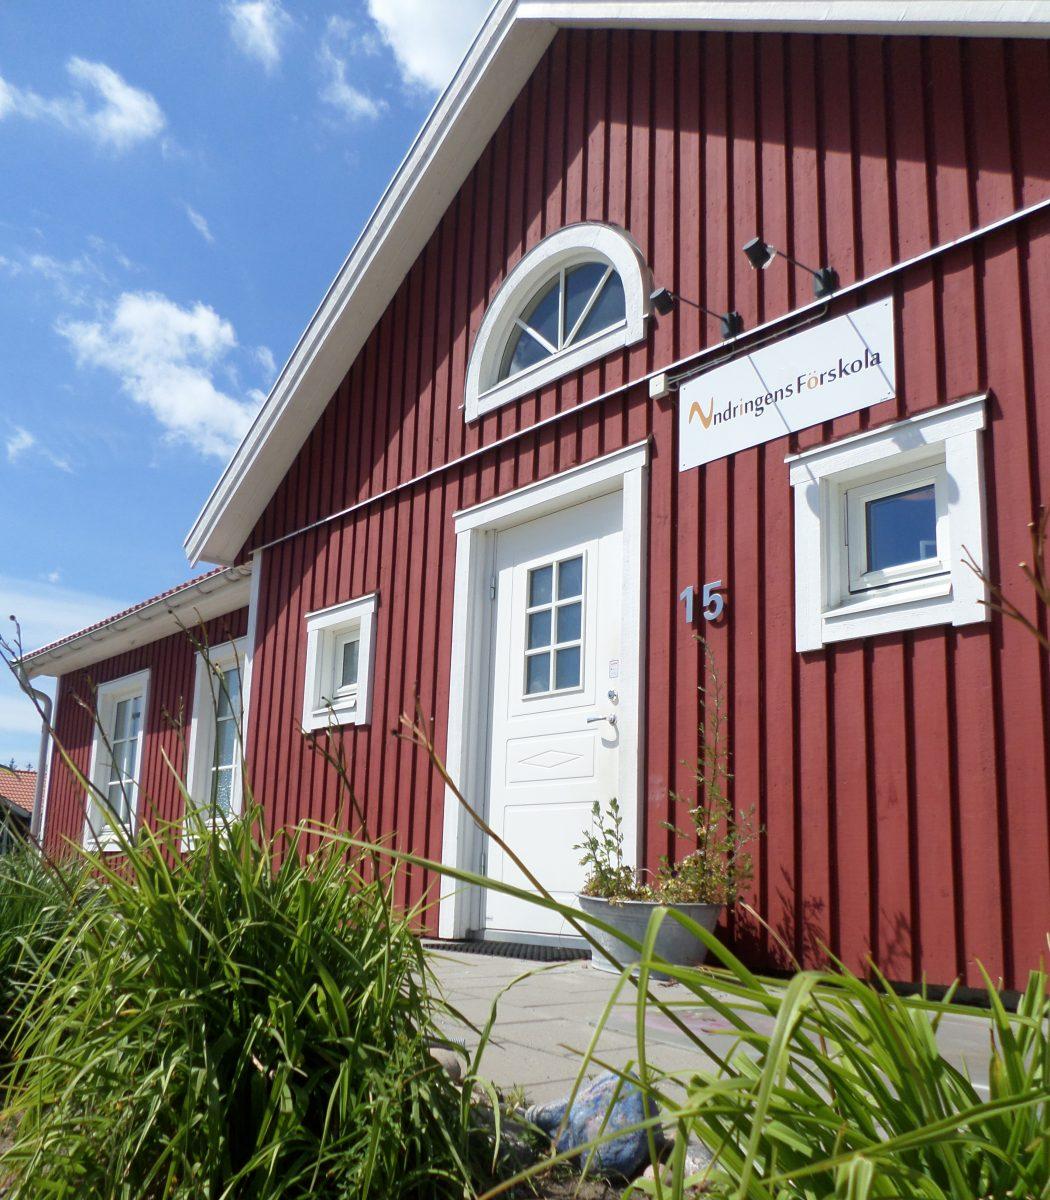 Undringens förskola i Saxnäs